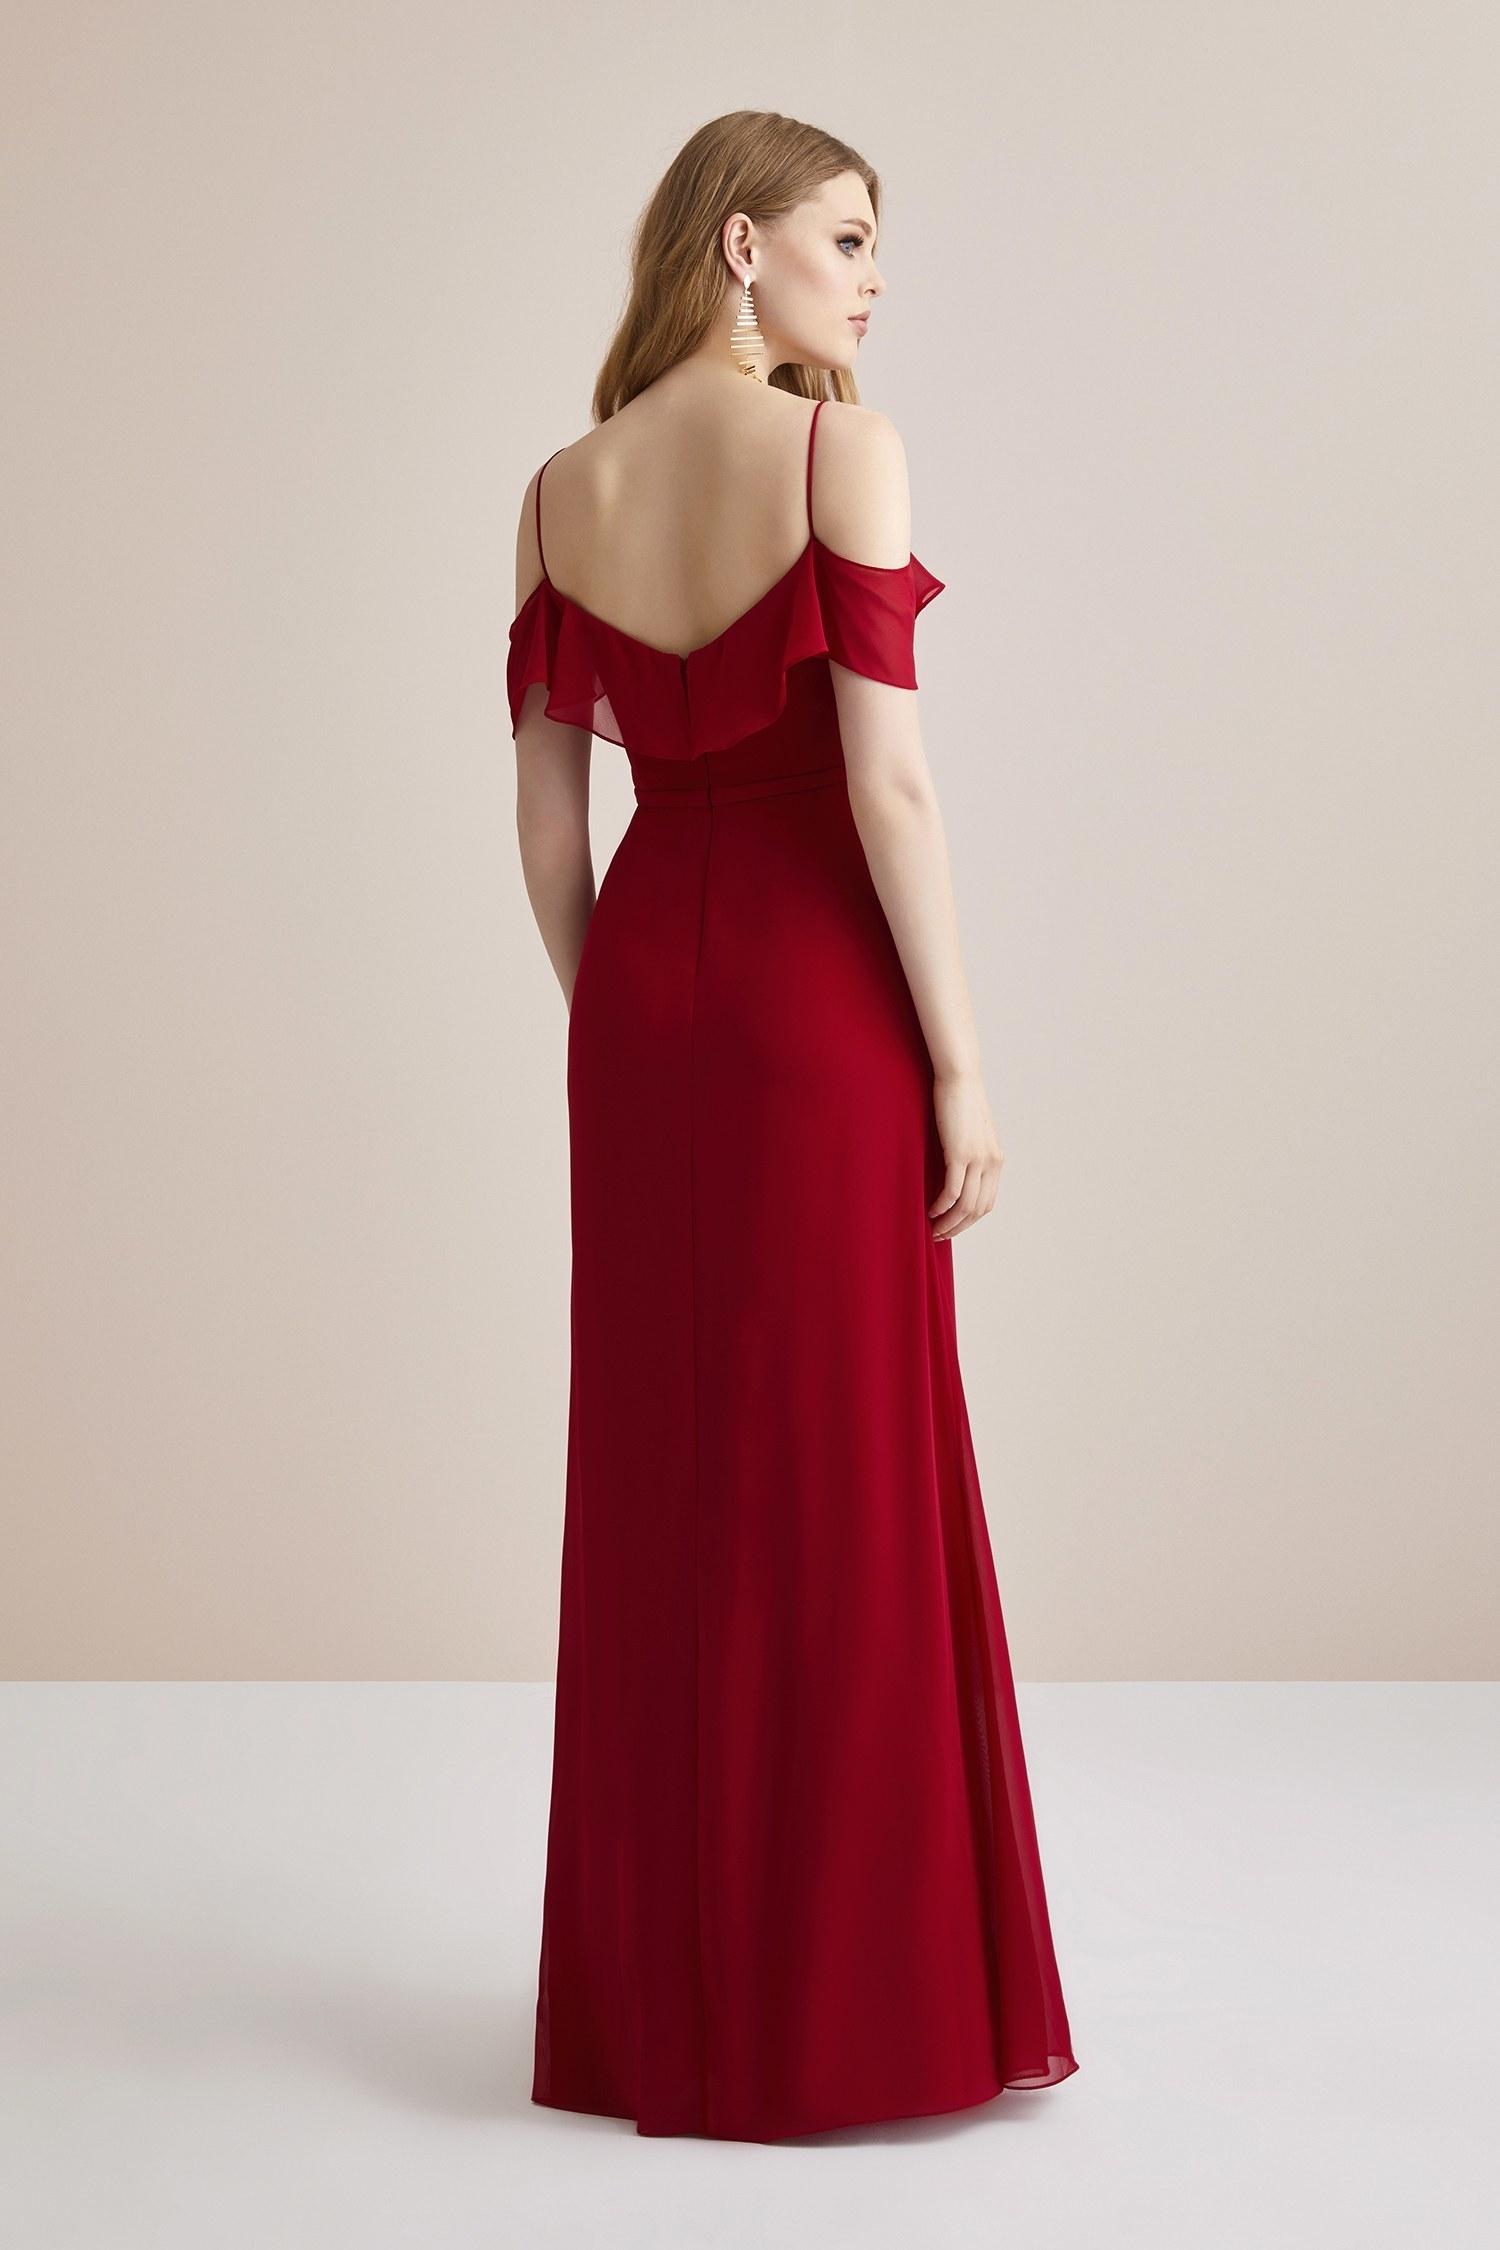 Kırmızı İnce Askılı Düşük Kol Şifon Uzun Abiye Elbise - Thumbnail